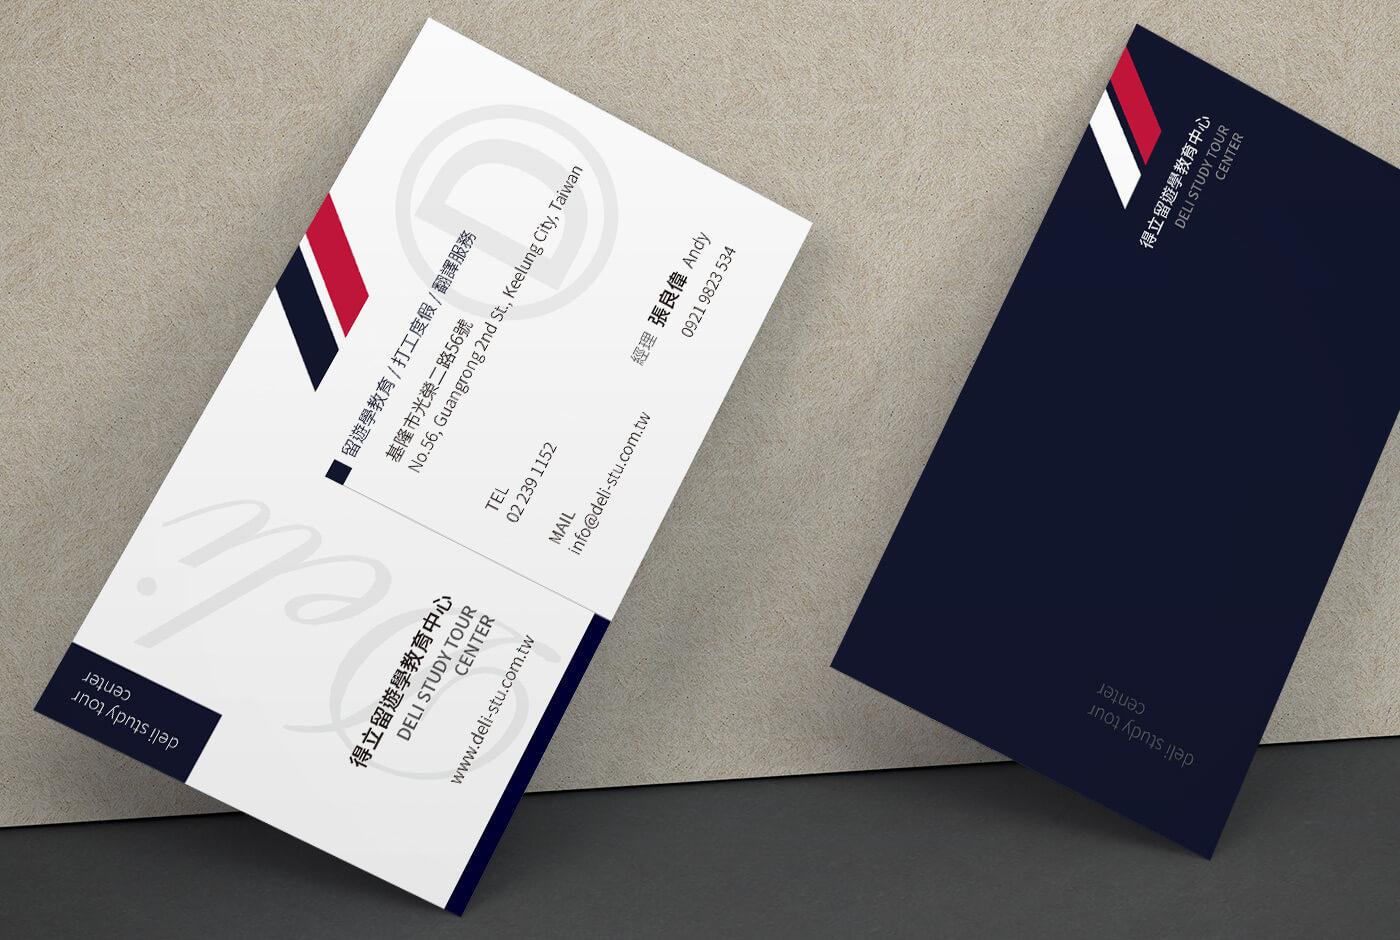 留學/遊學中心名片設計作品